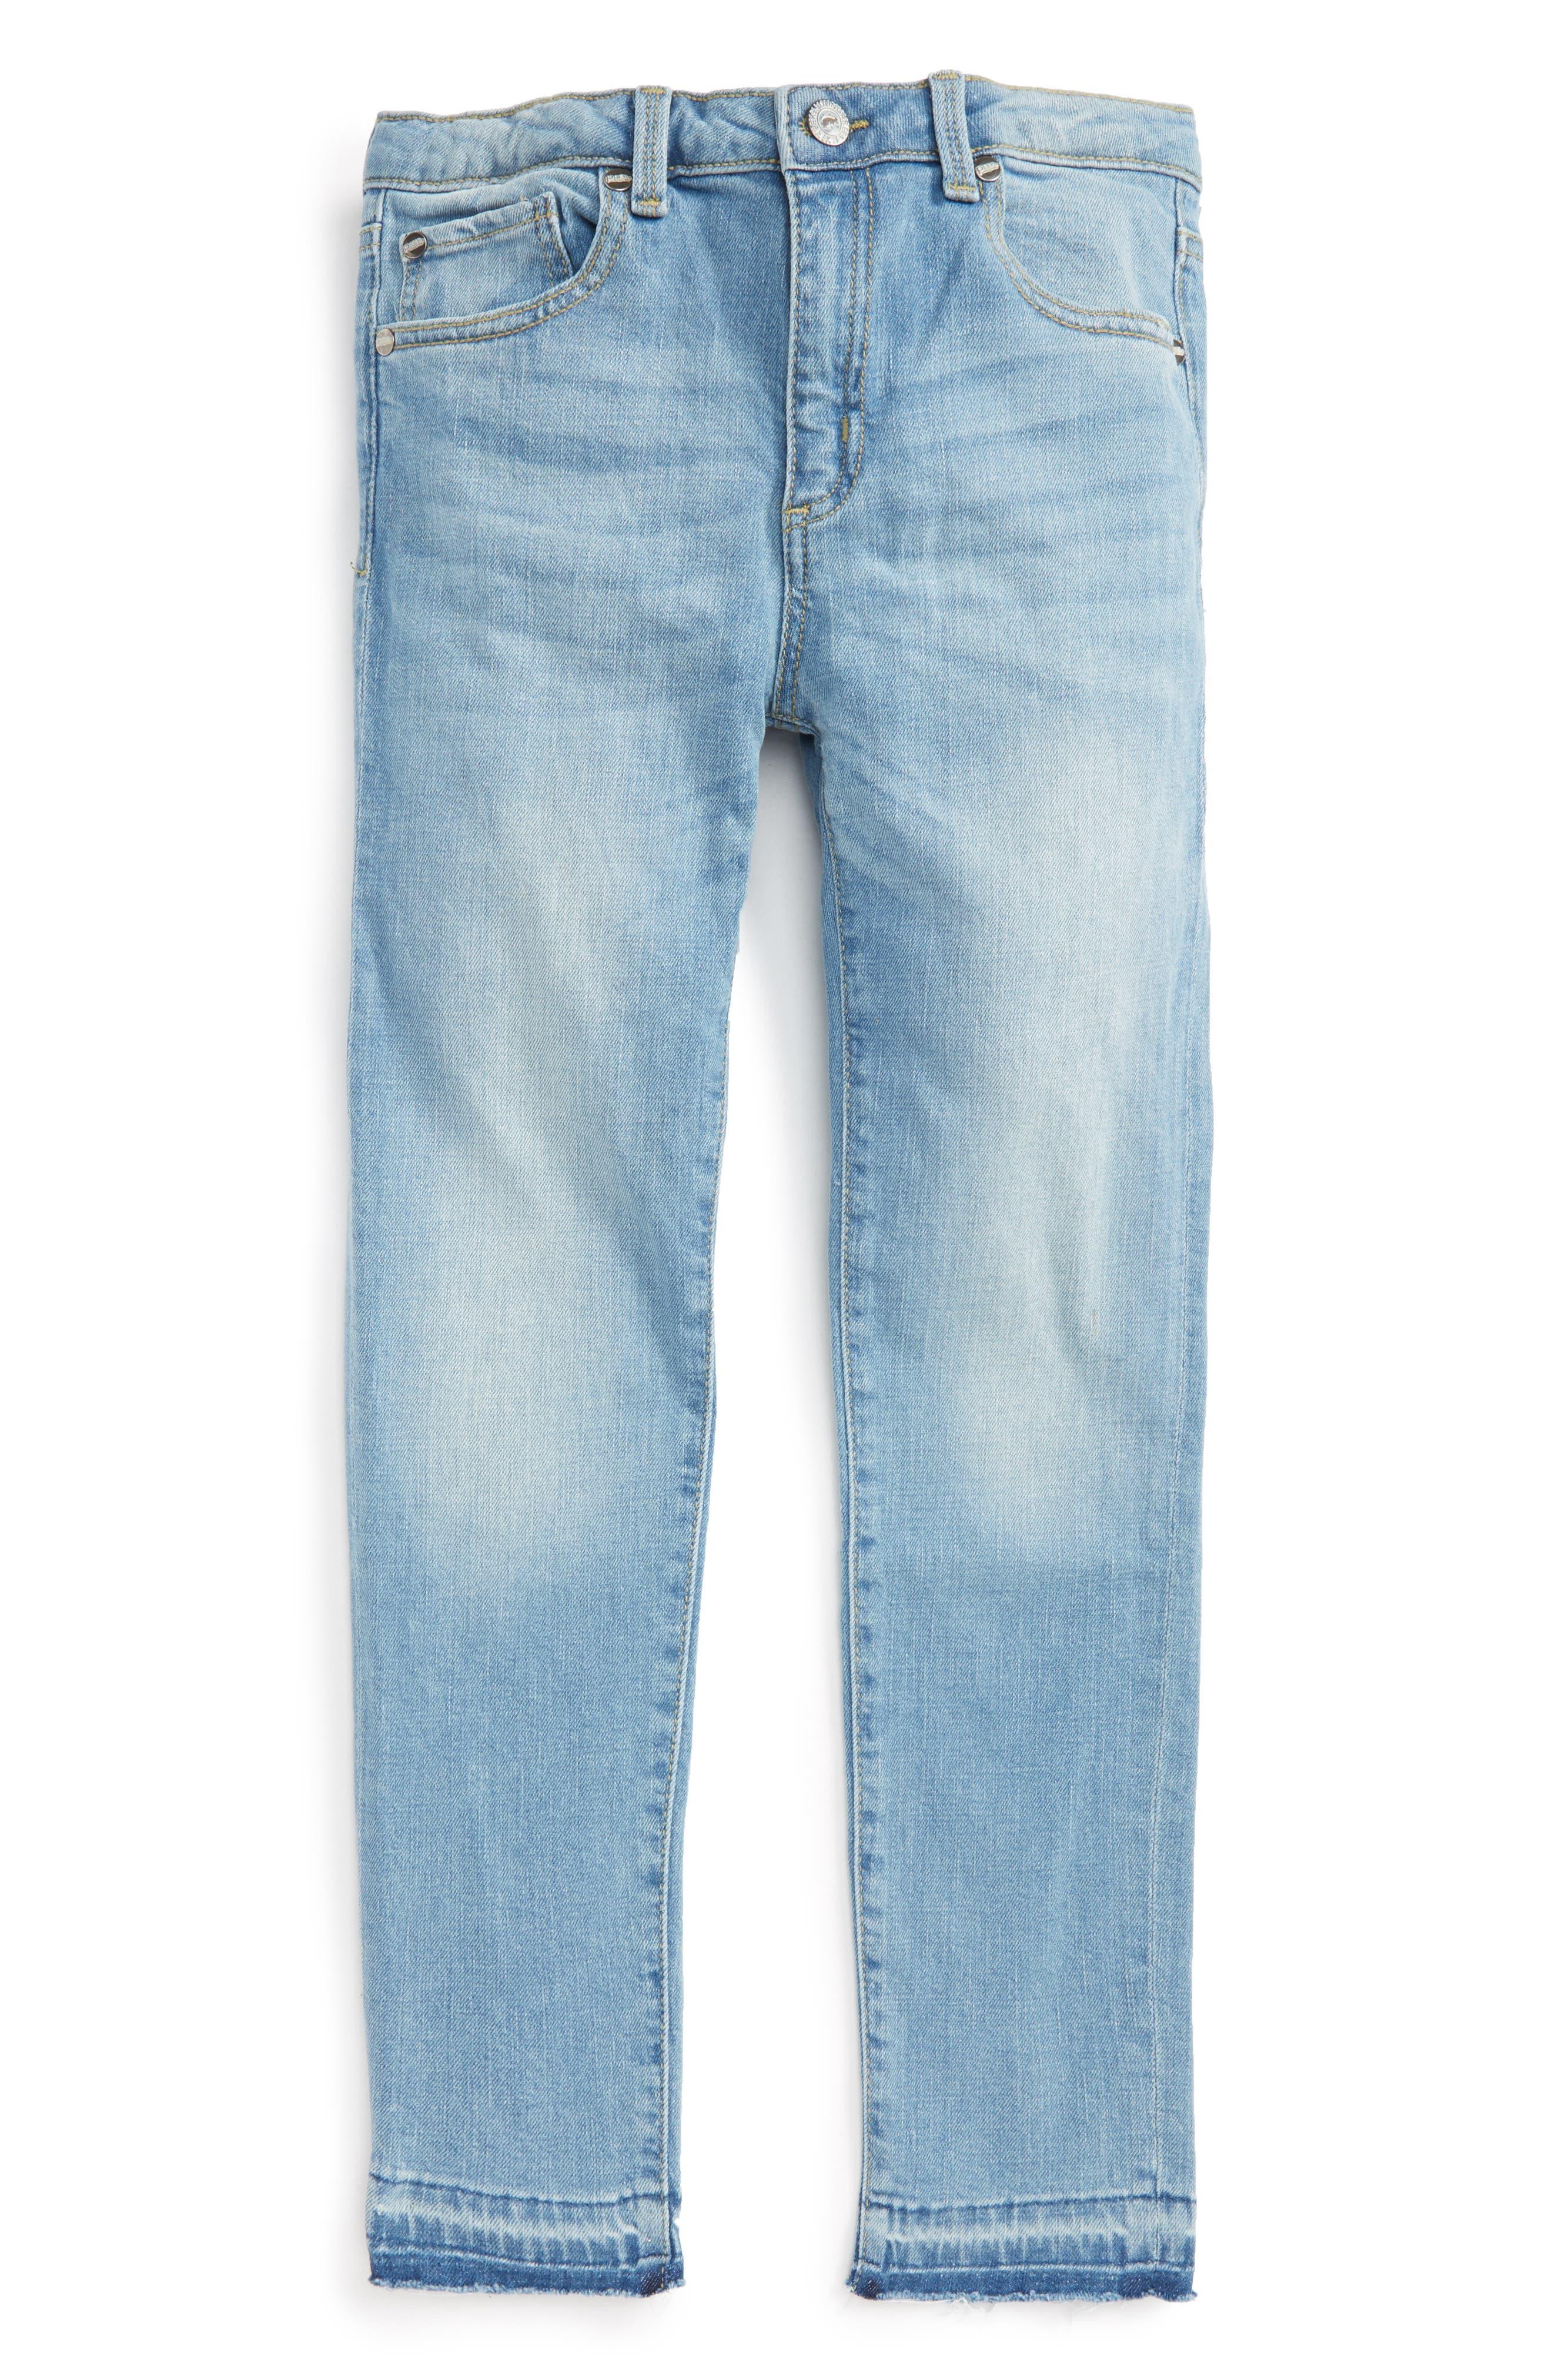 Main Image - Peek Celeste Skinny Jeans (Toddler Girls, Little Girls & Big Girls)